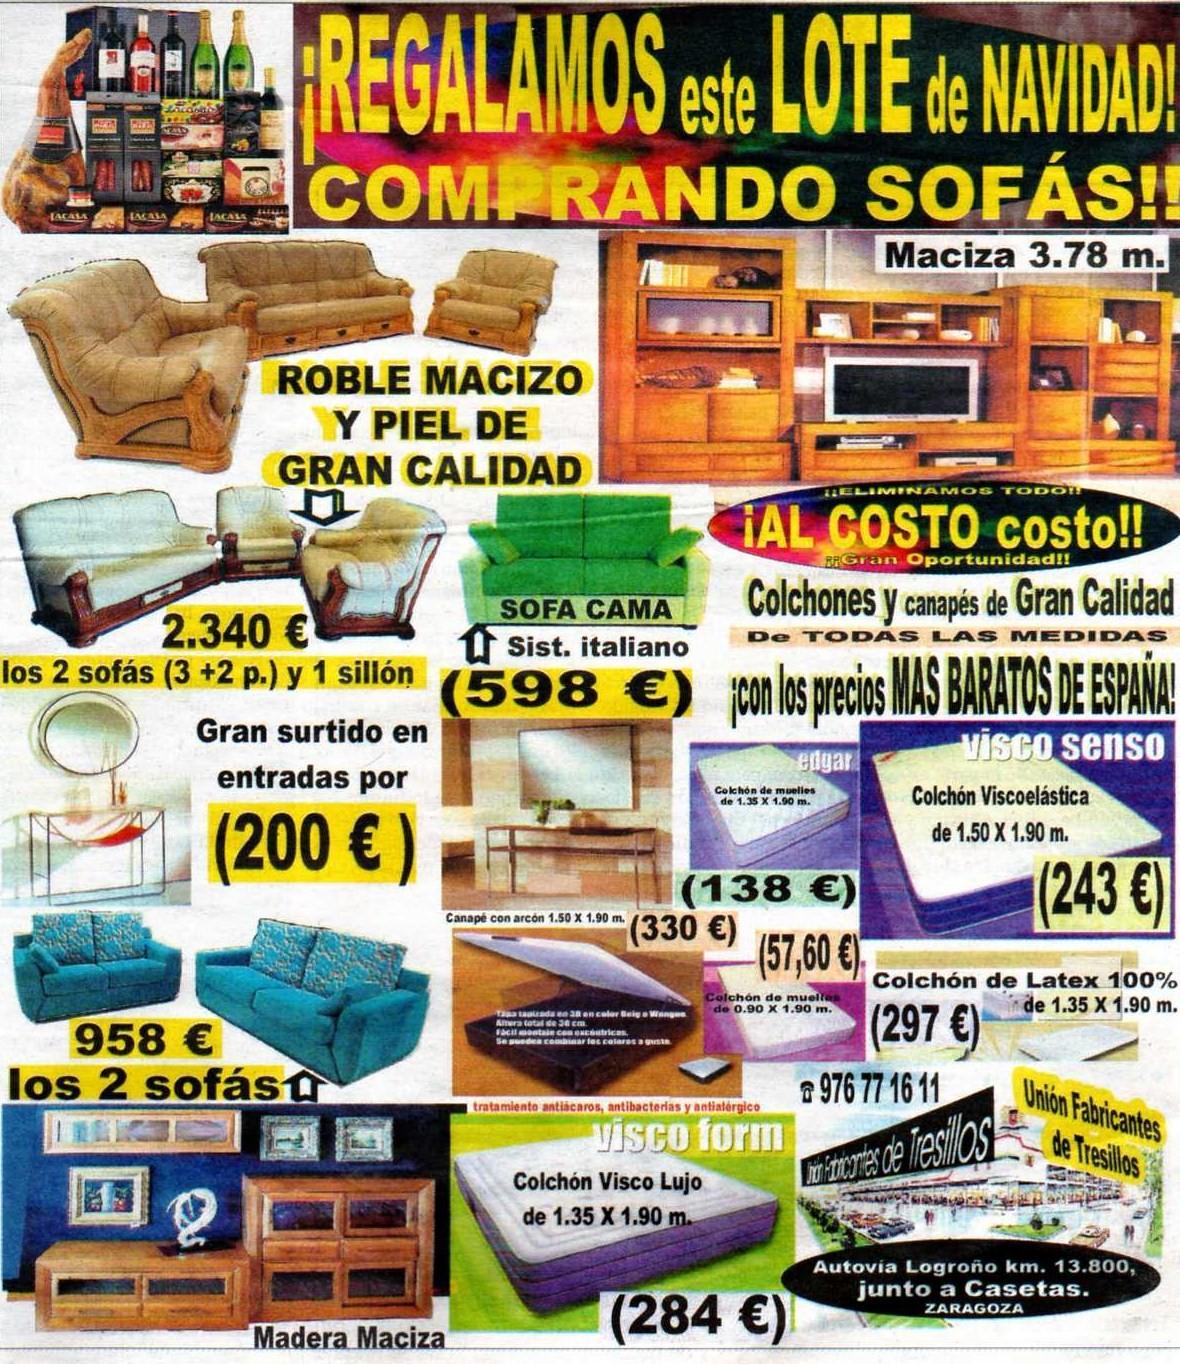 Uni n fabricantes de tresillos noviembre 2011 for Tresillos baratos